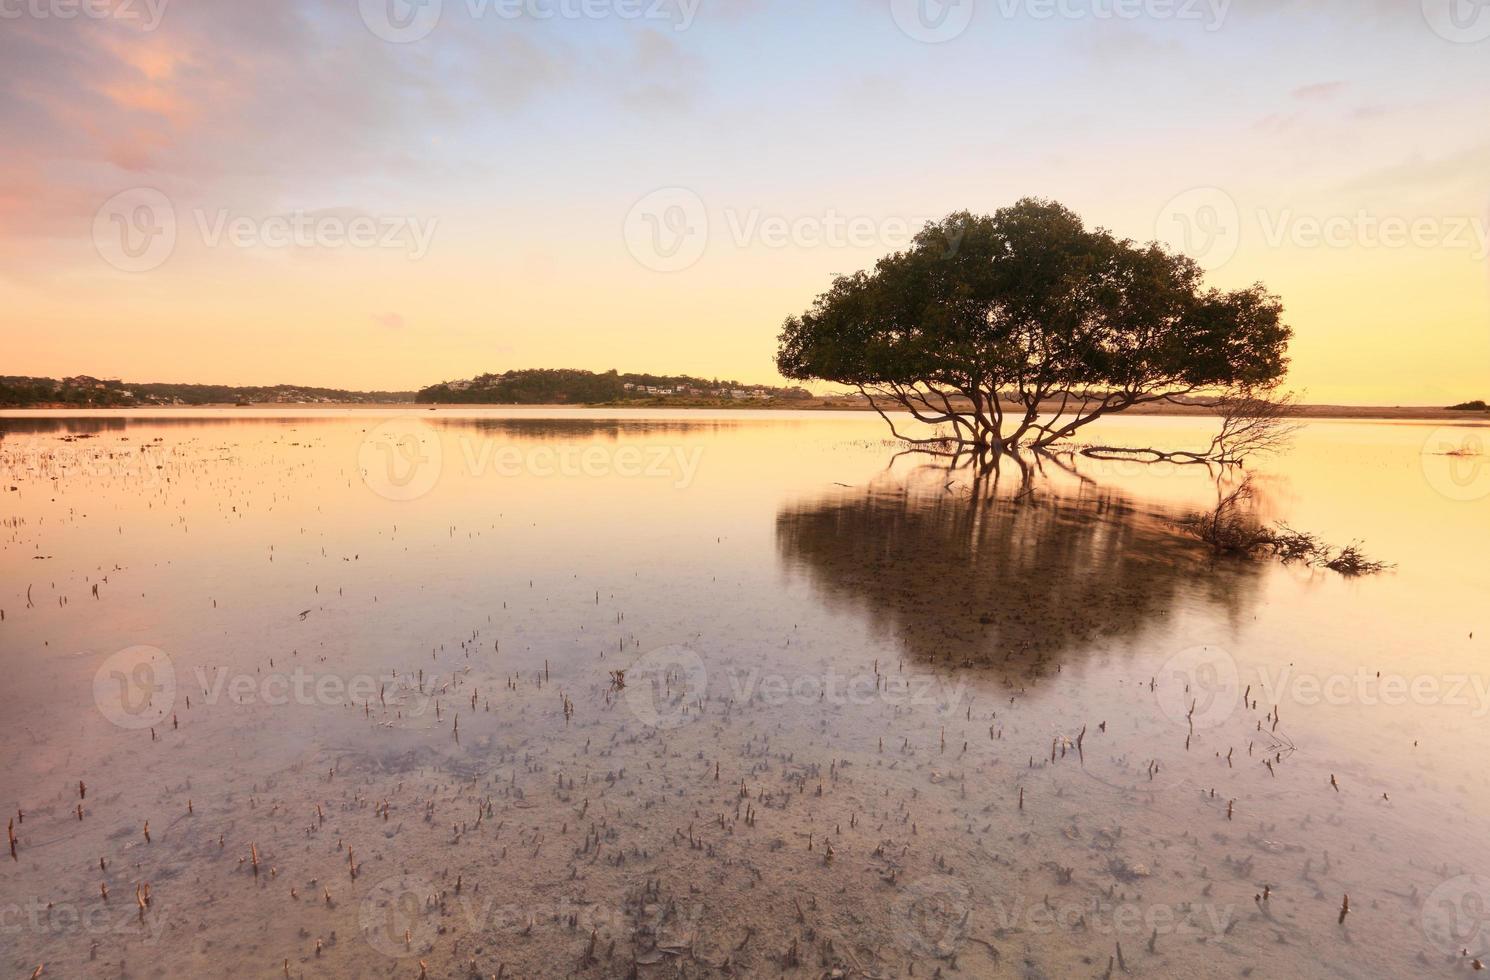 Árbol de mangle solitario y raíces en mareas poco profundas foto